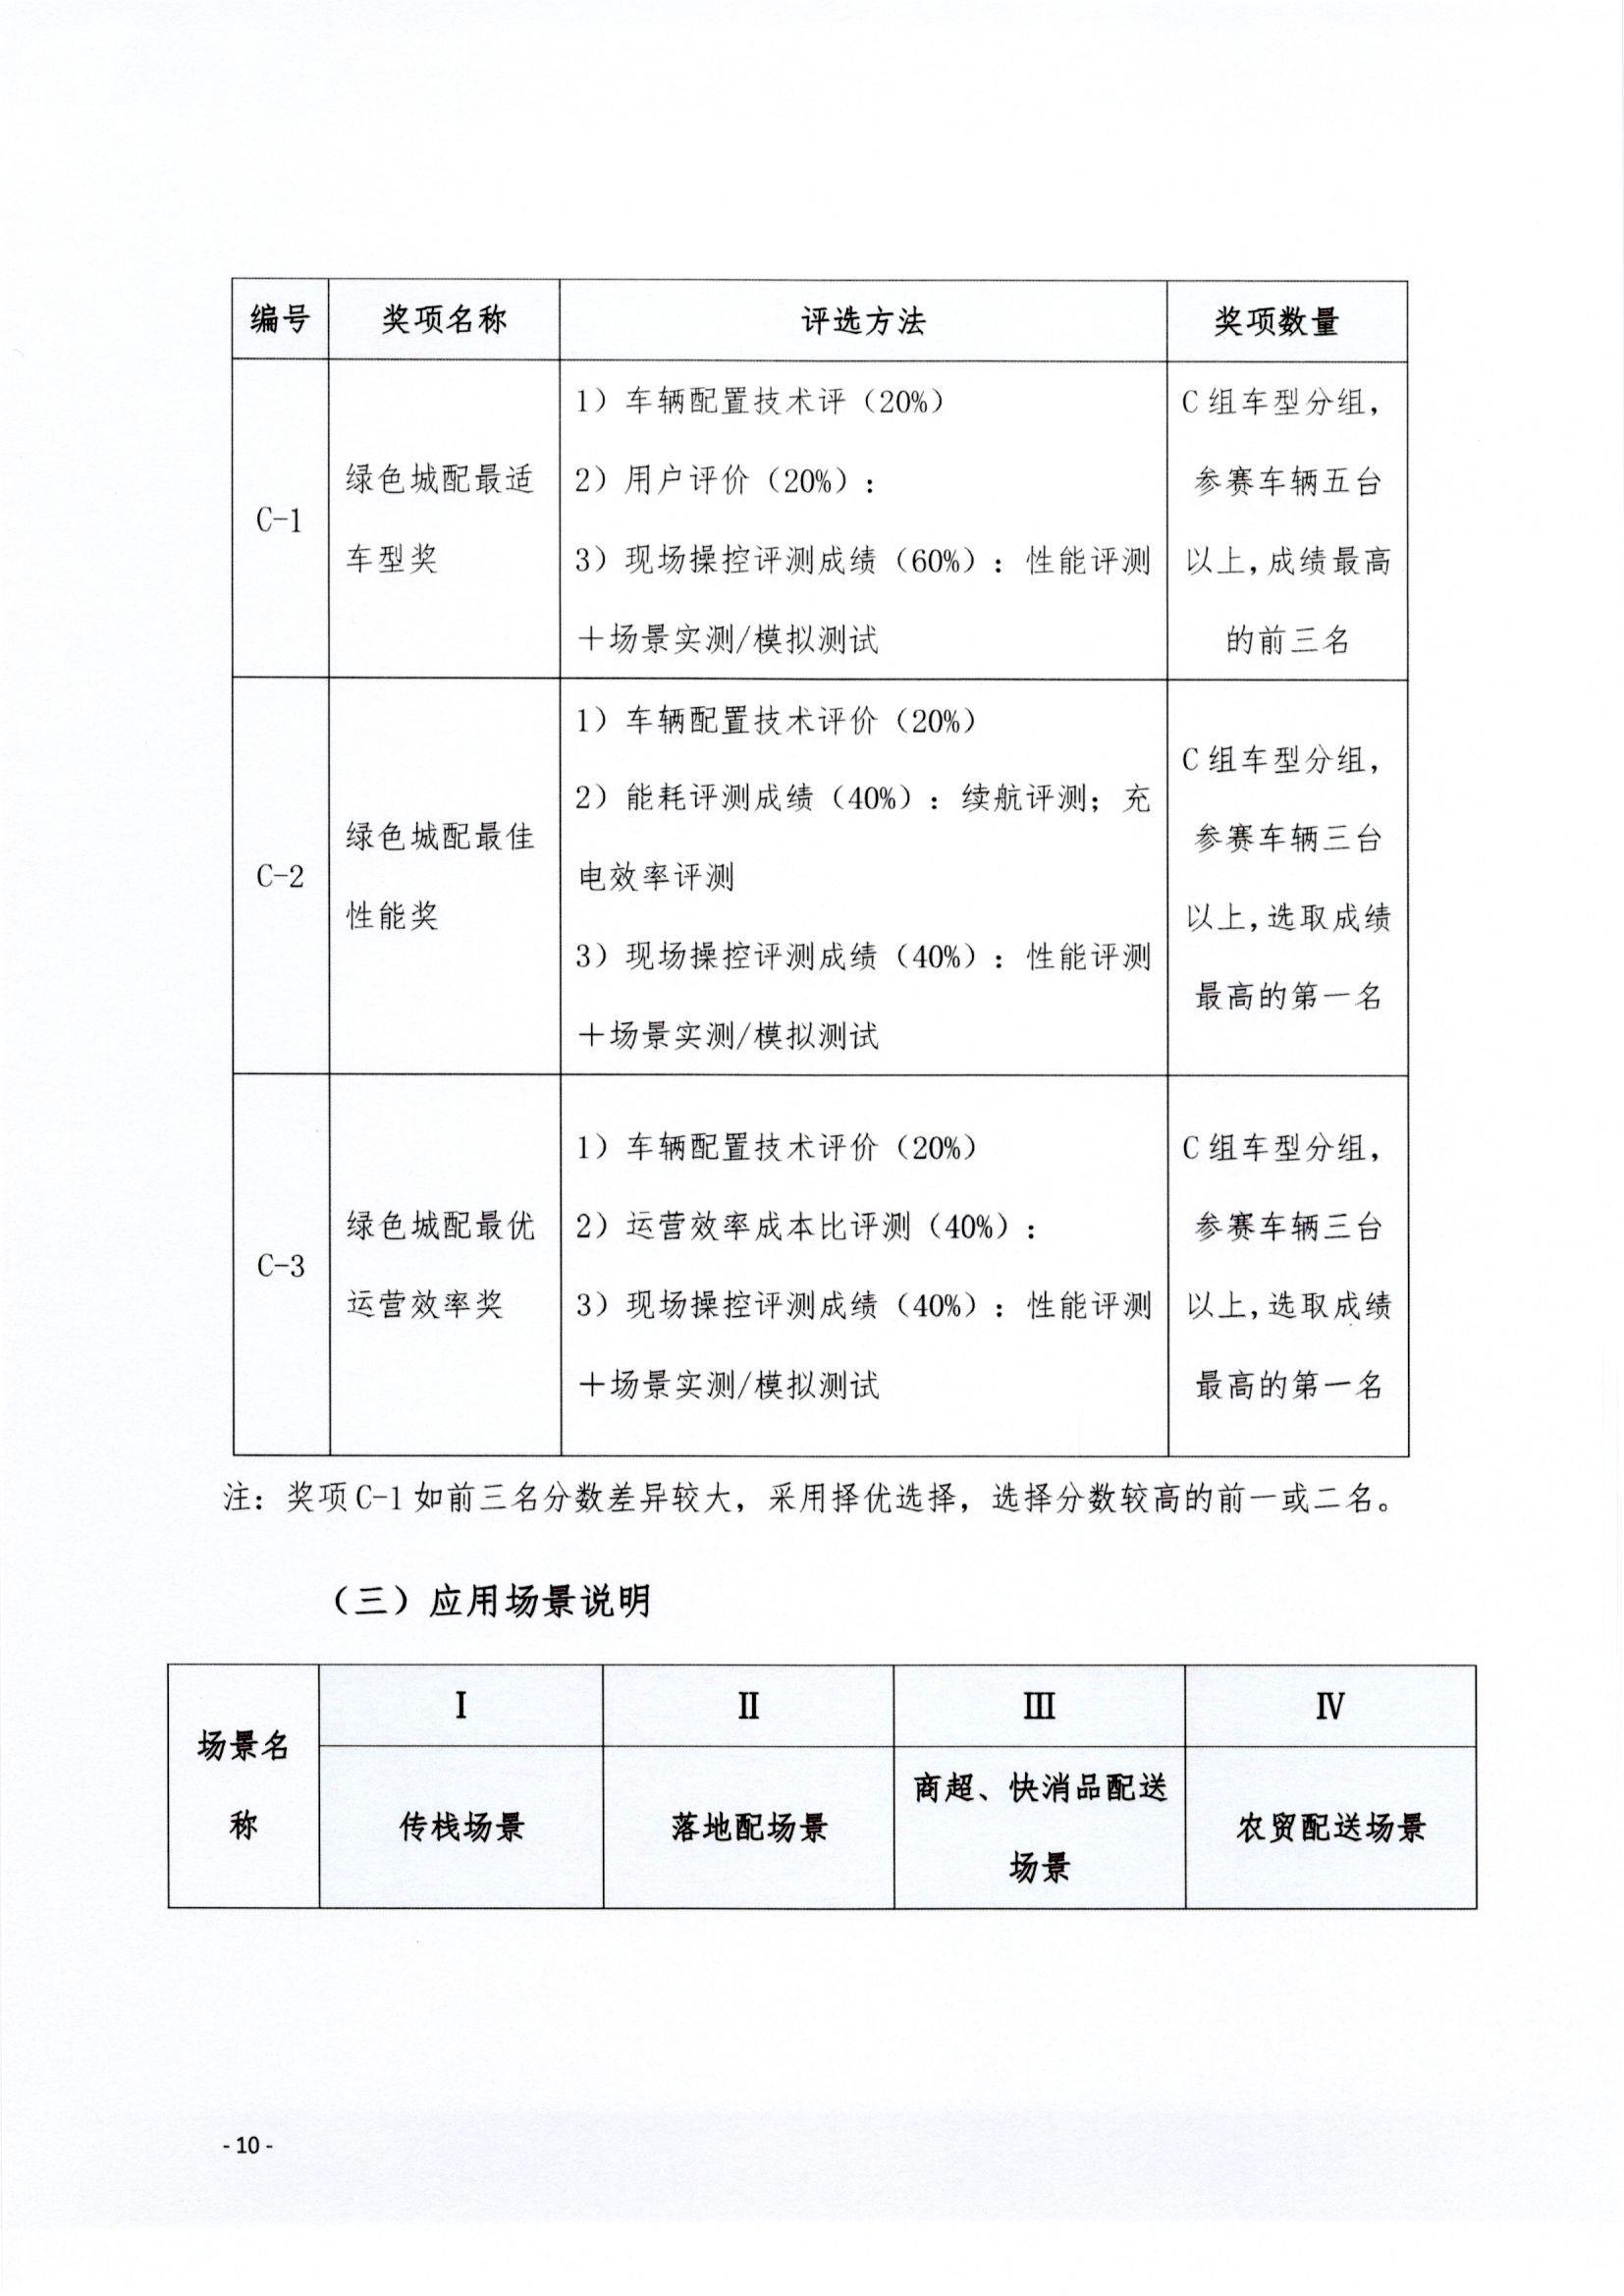 新能源物流车赛事(带方案)_页面_10.jpg